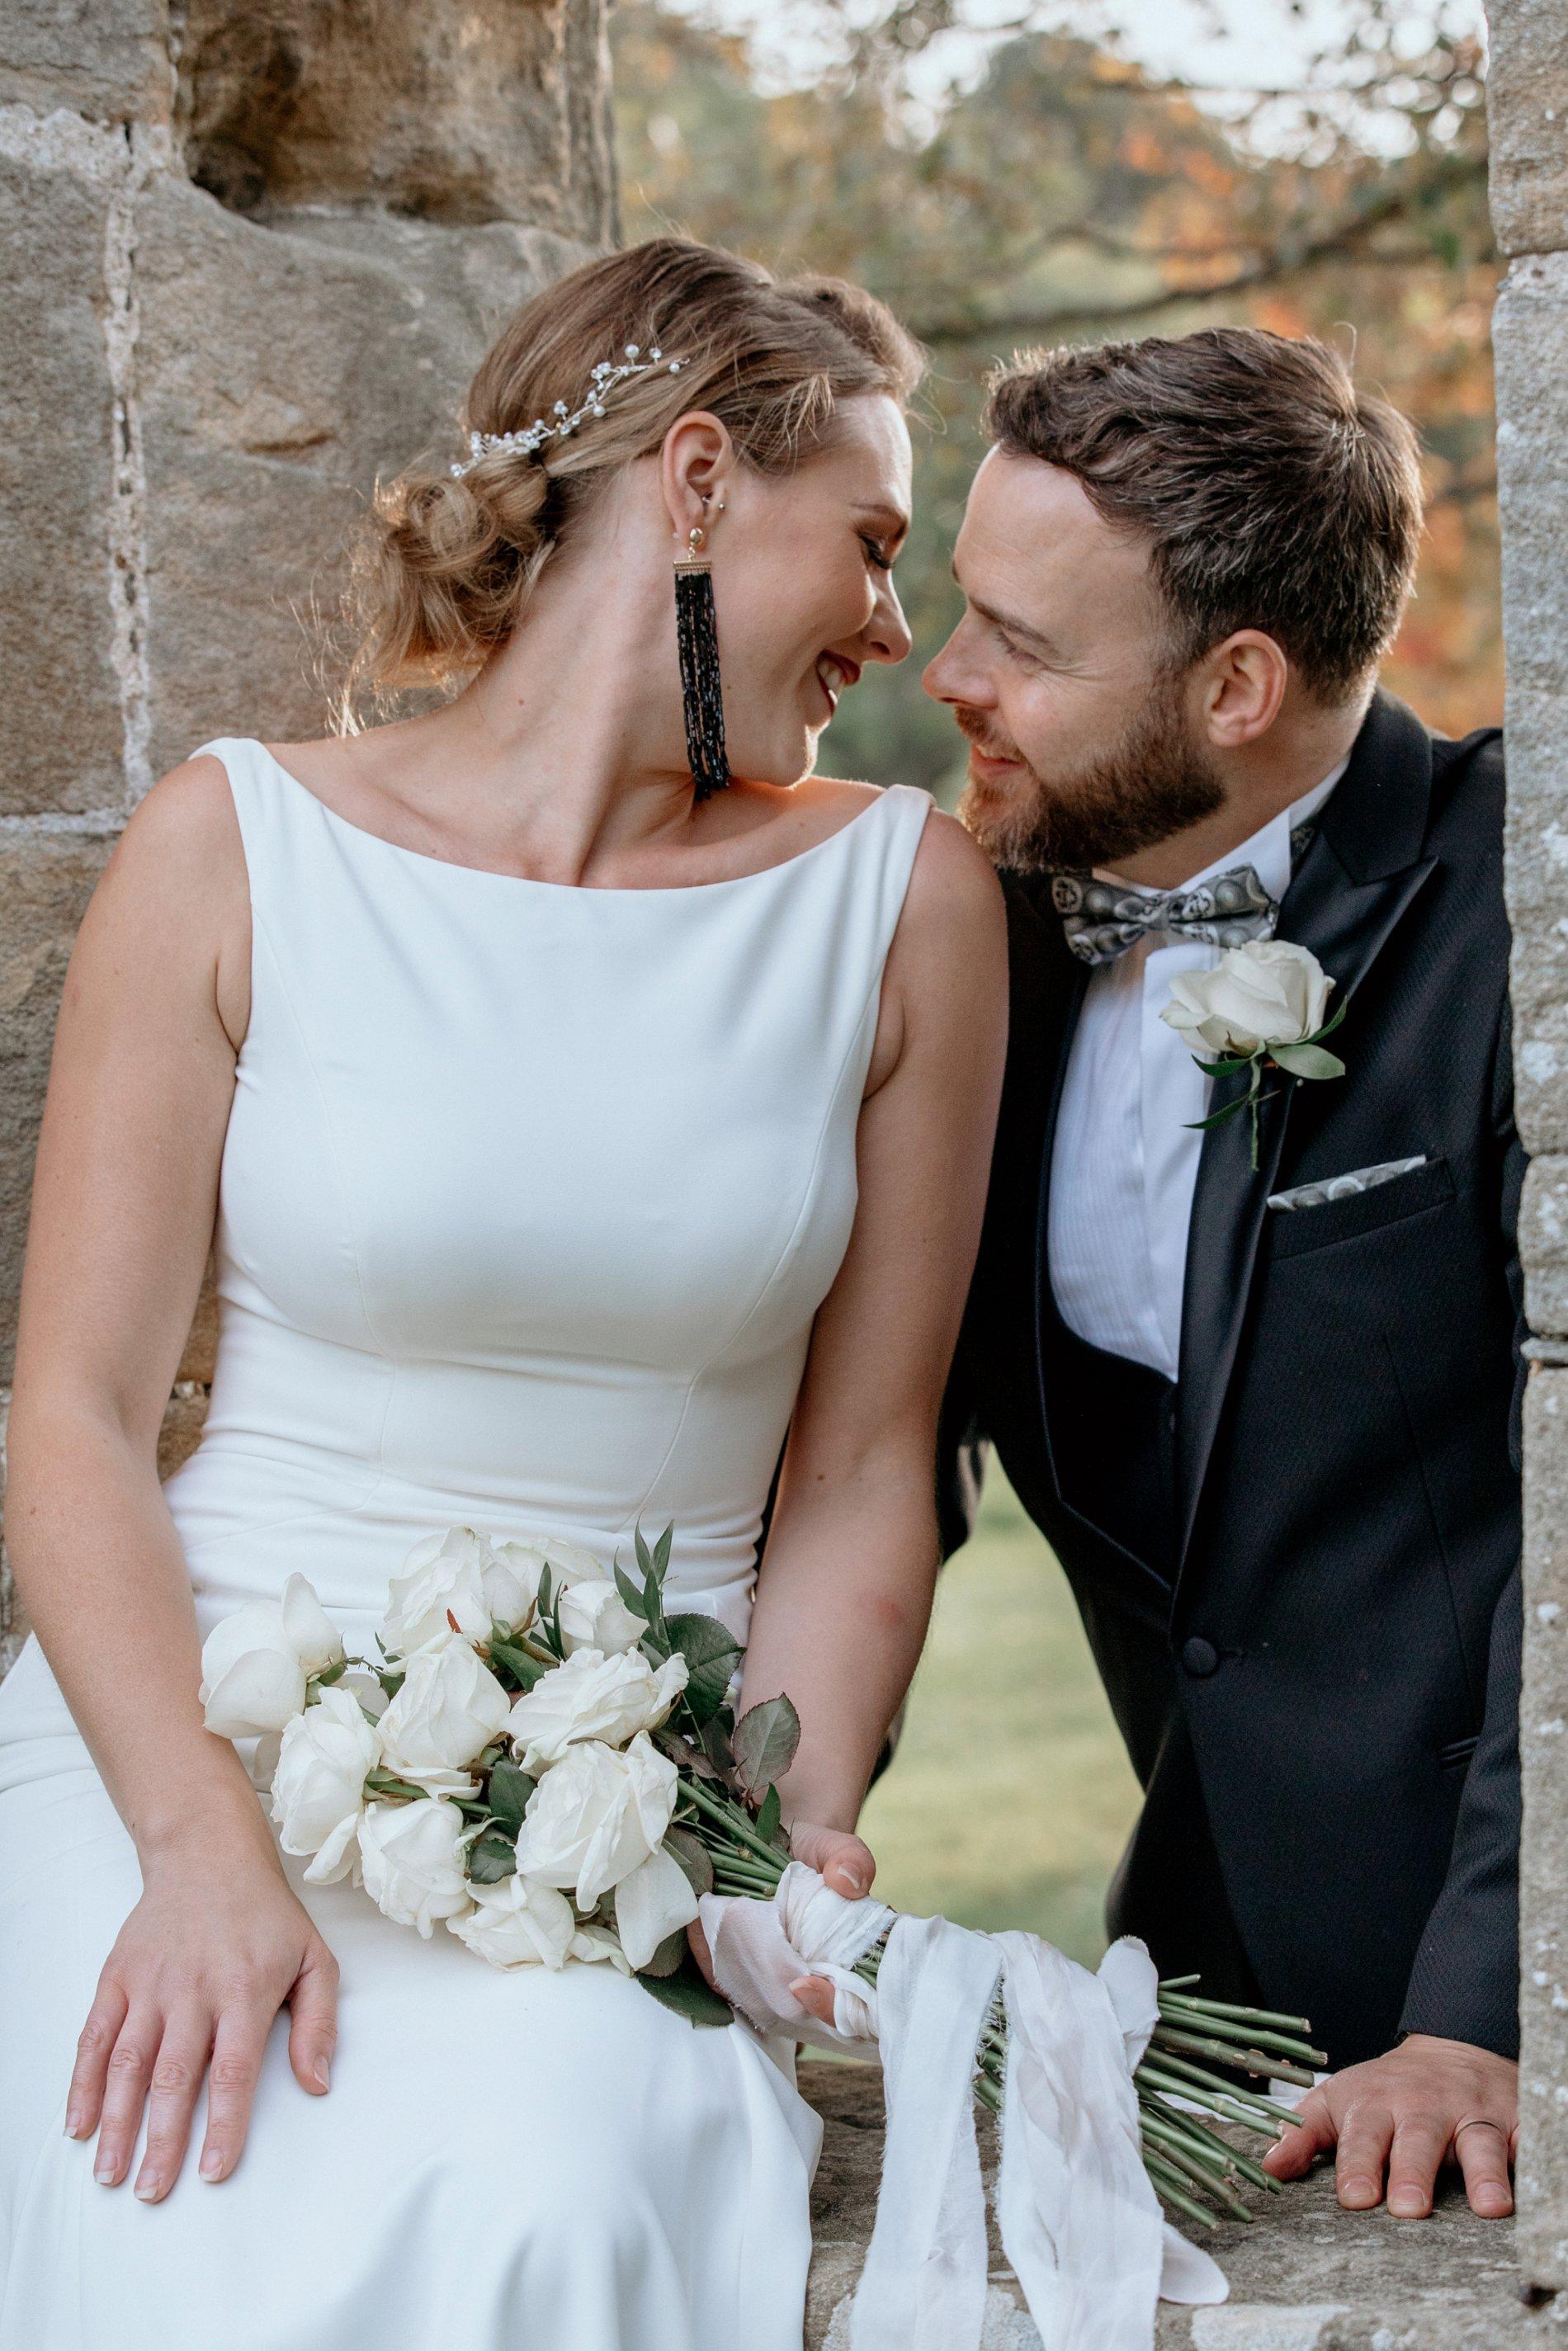 An Elegant Wedding Shoot at Jervaulx Abbey (c) Natalie Hamilton Photography (72)